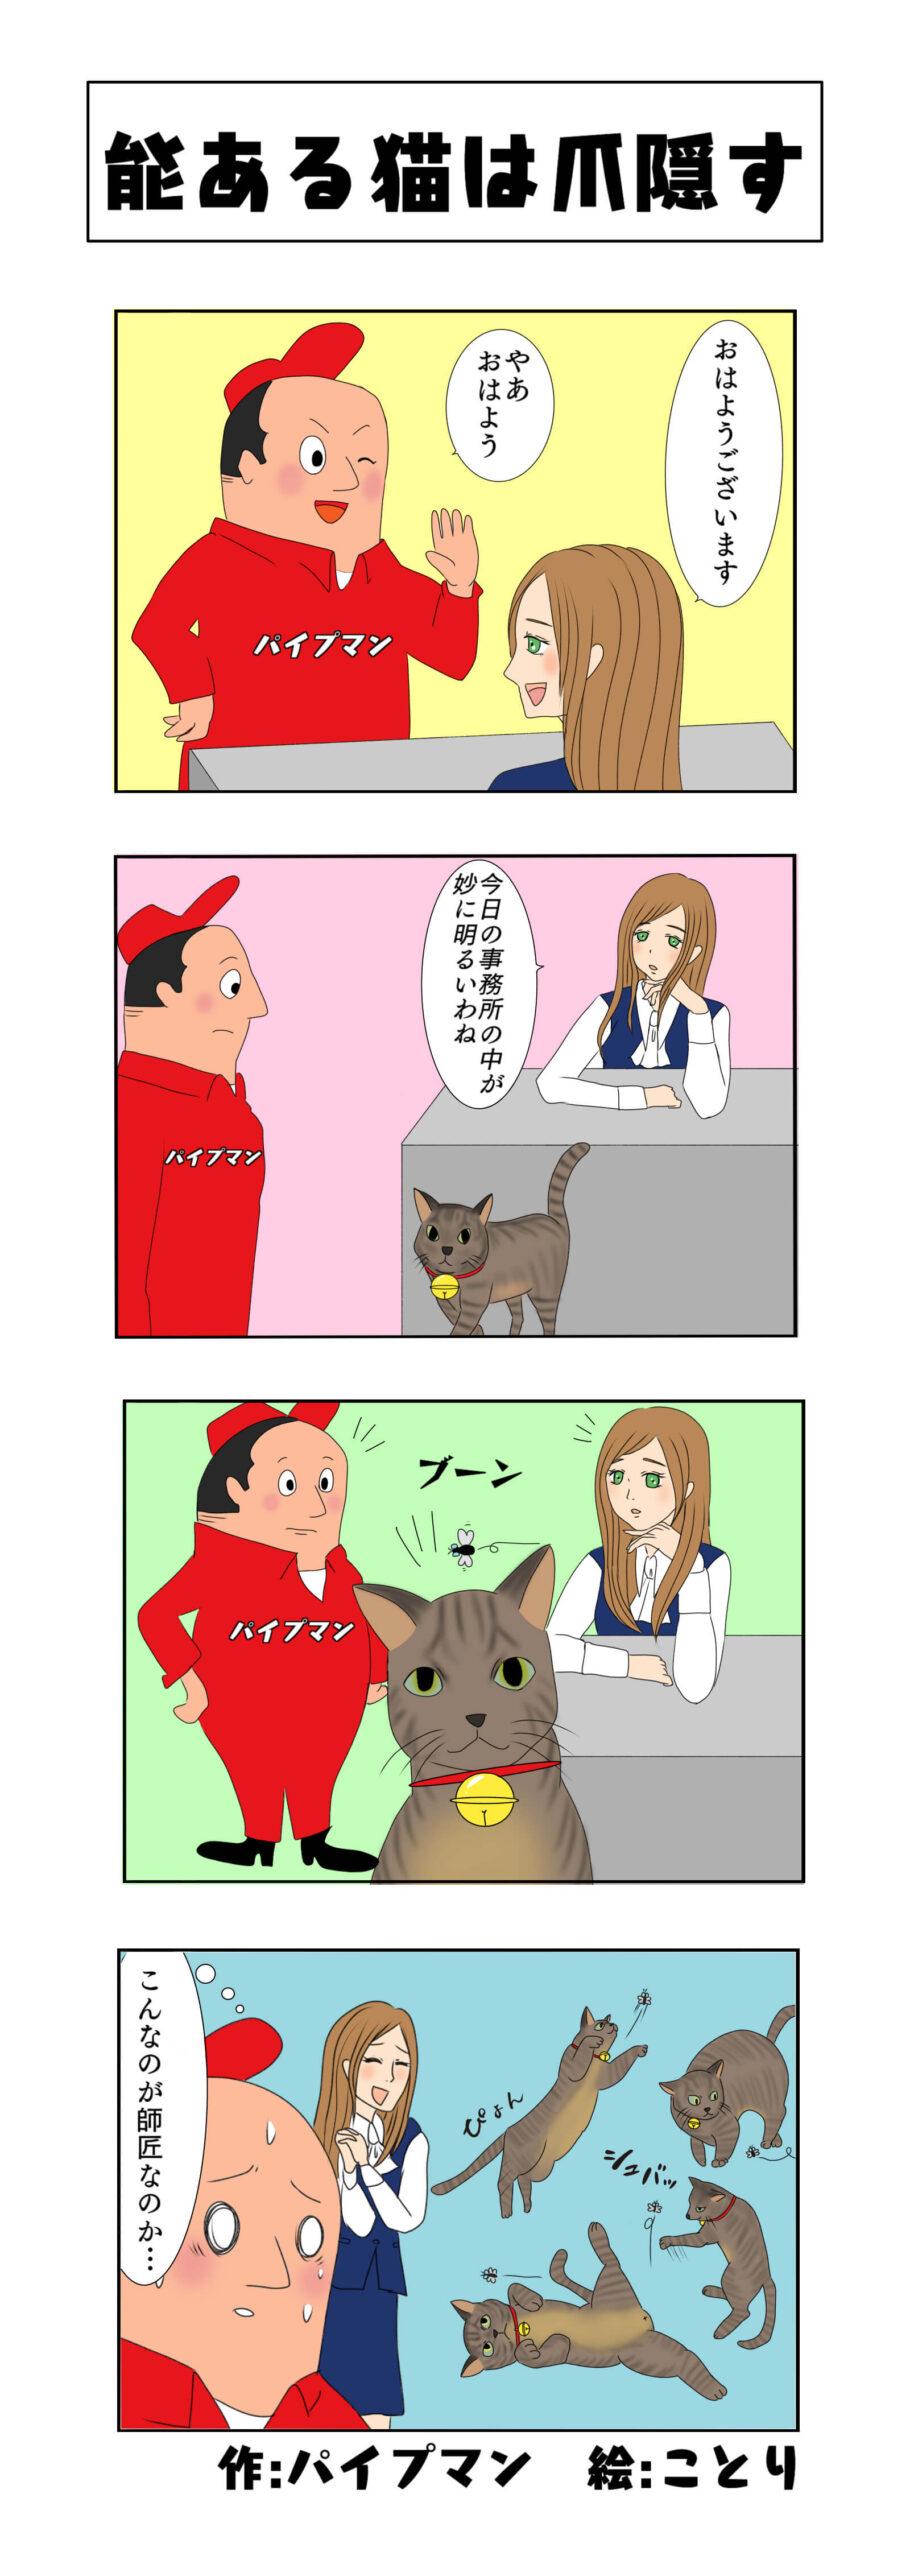 パイプマン漫画・第40話